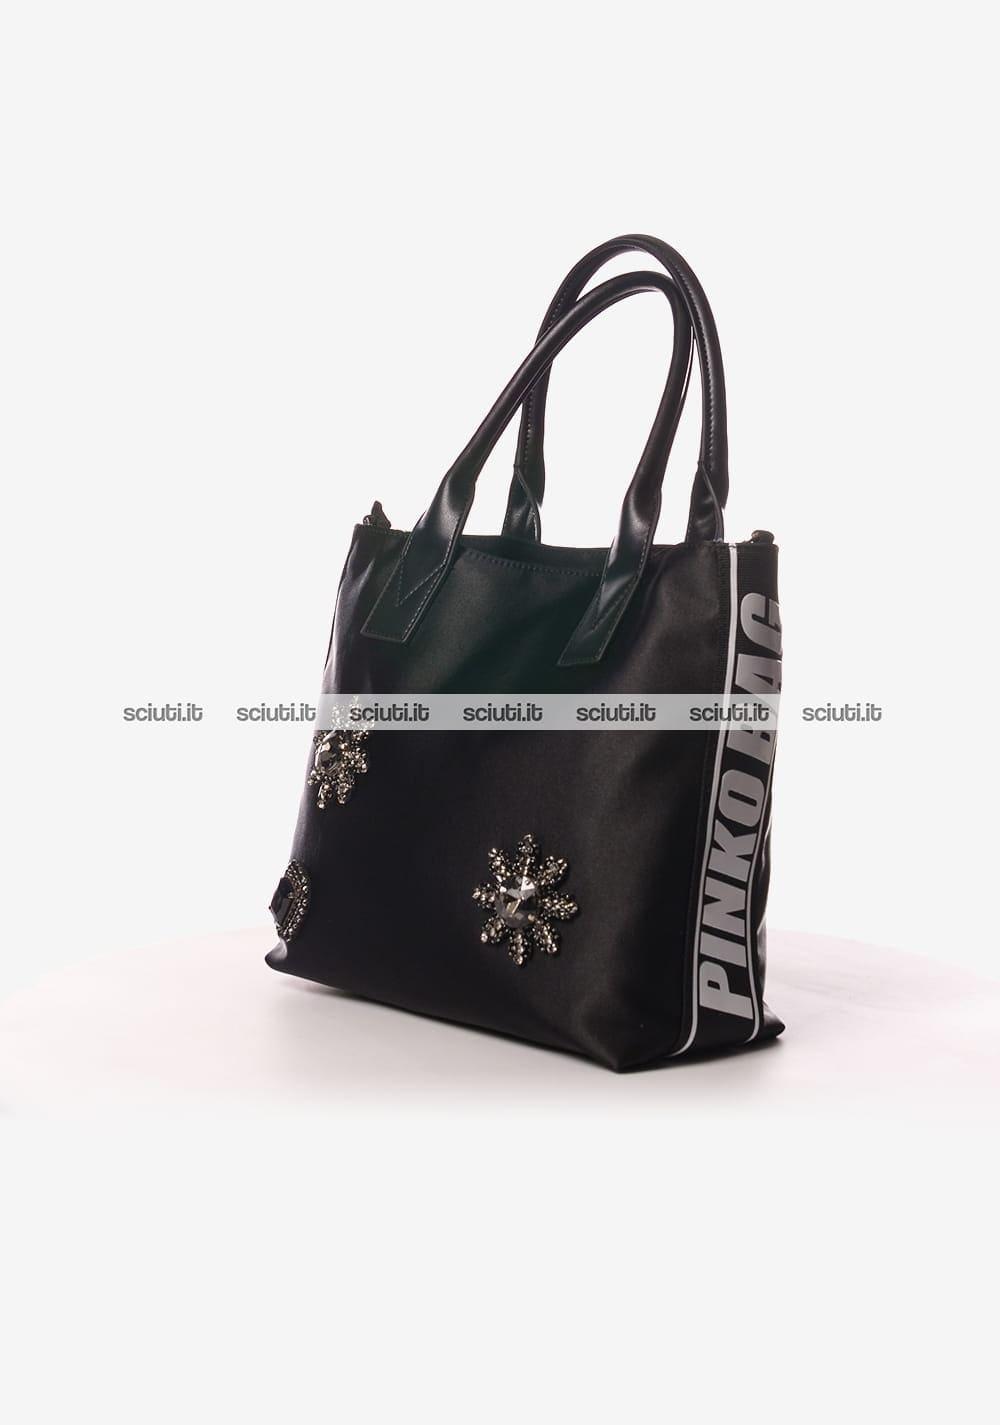 Borsa shopping Pinko donna Canesca gioiello nero  f06c1a64c6d